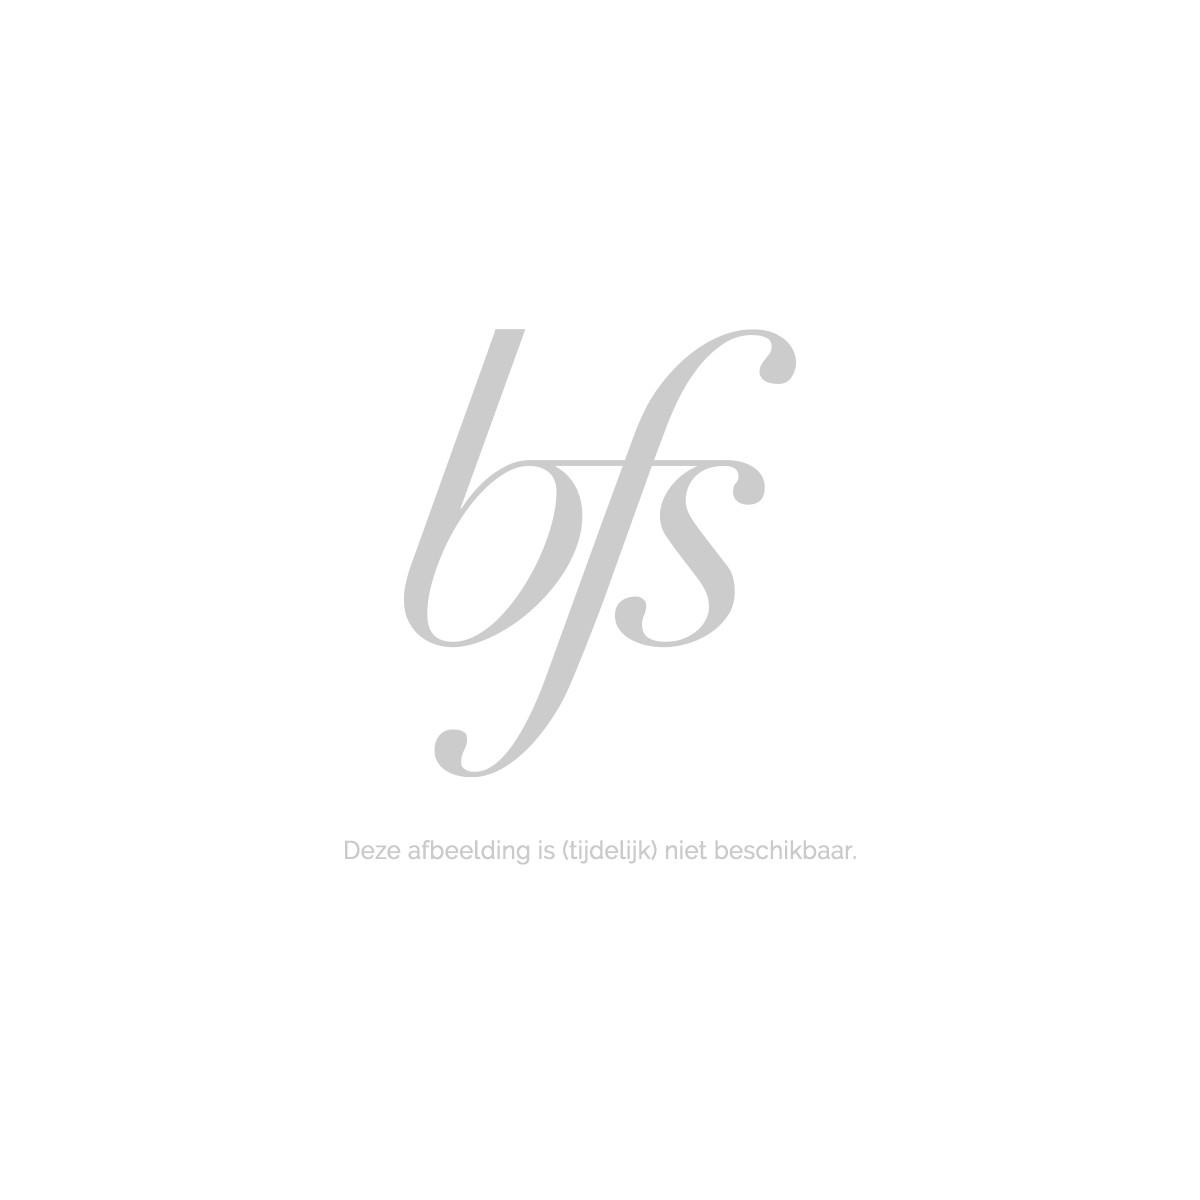 Nordics Biologische Bamboe Katoen Wattenstaafjes Blauw 100% Afbreekbaar